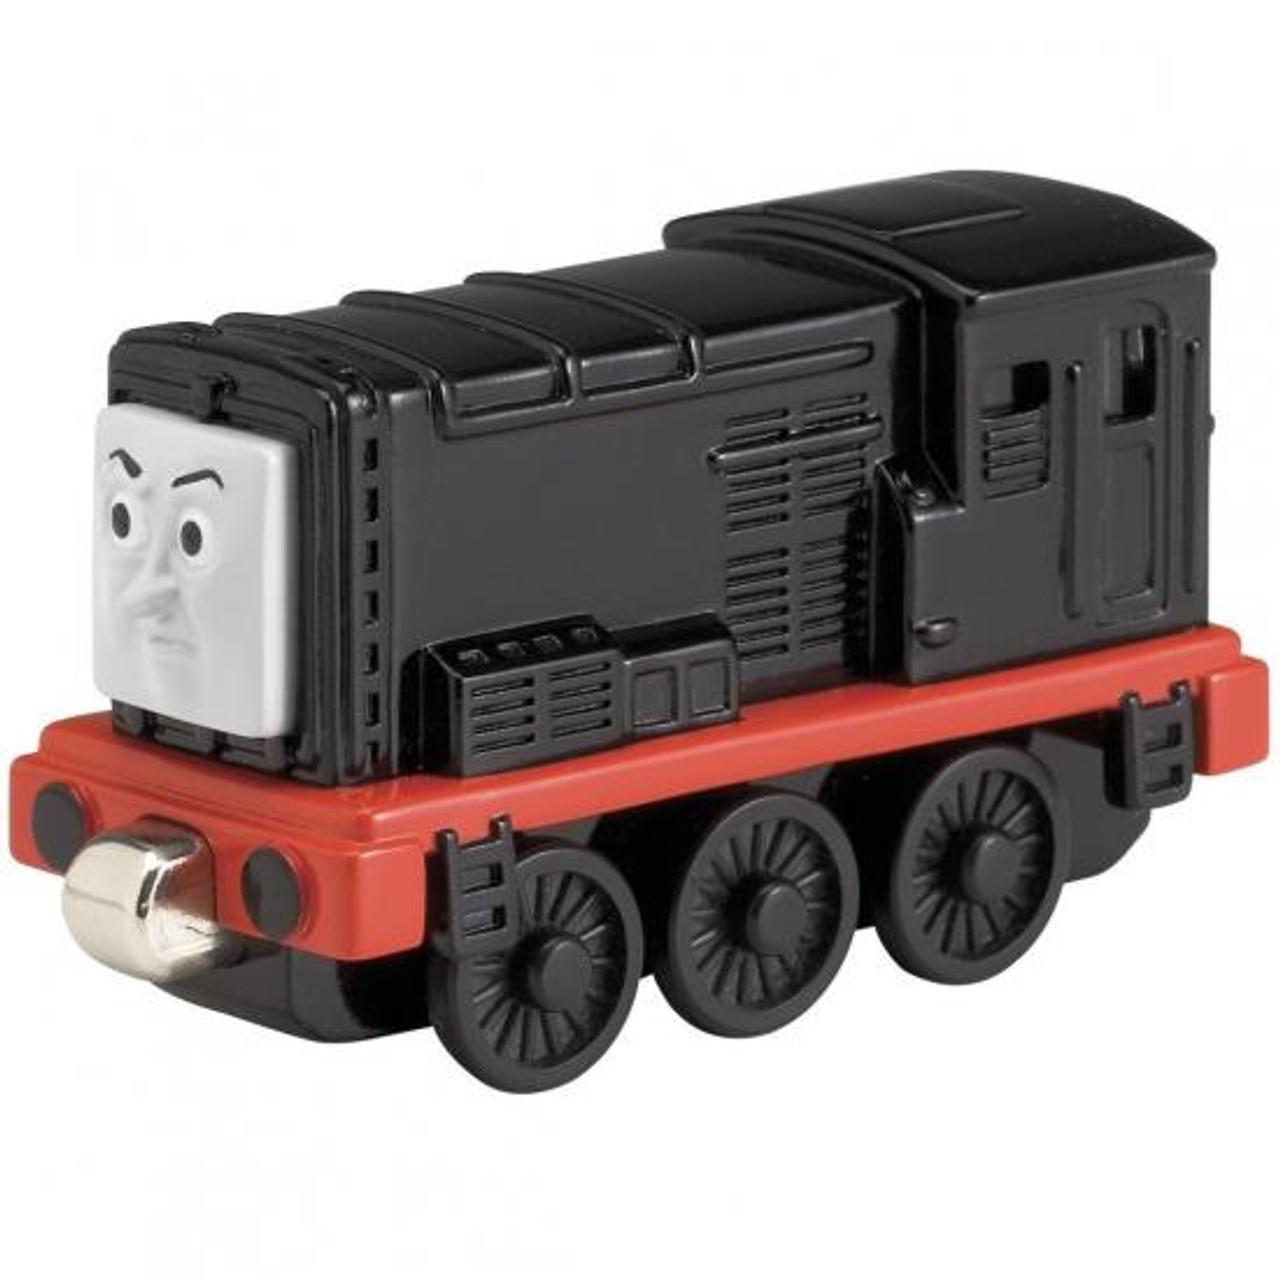 Thomas & Friends Wooden Railway Diesel Diecast Train